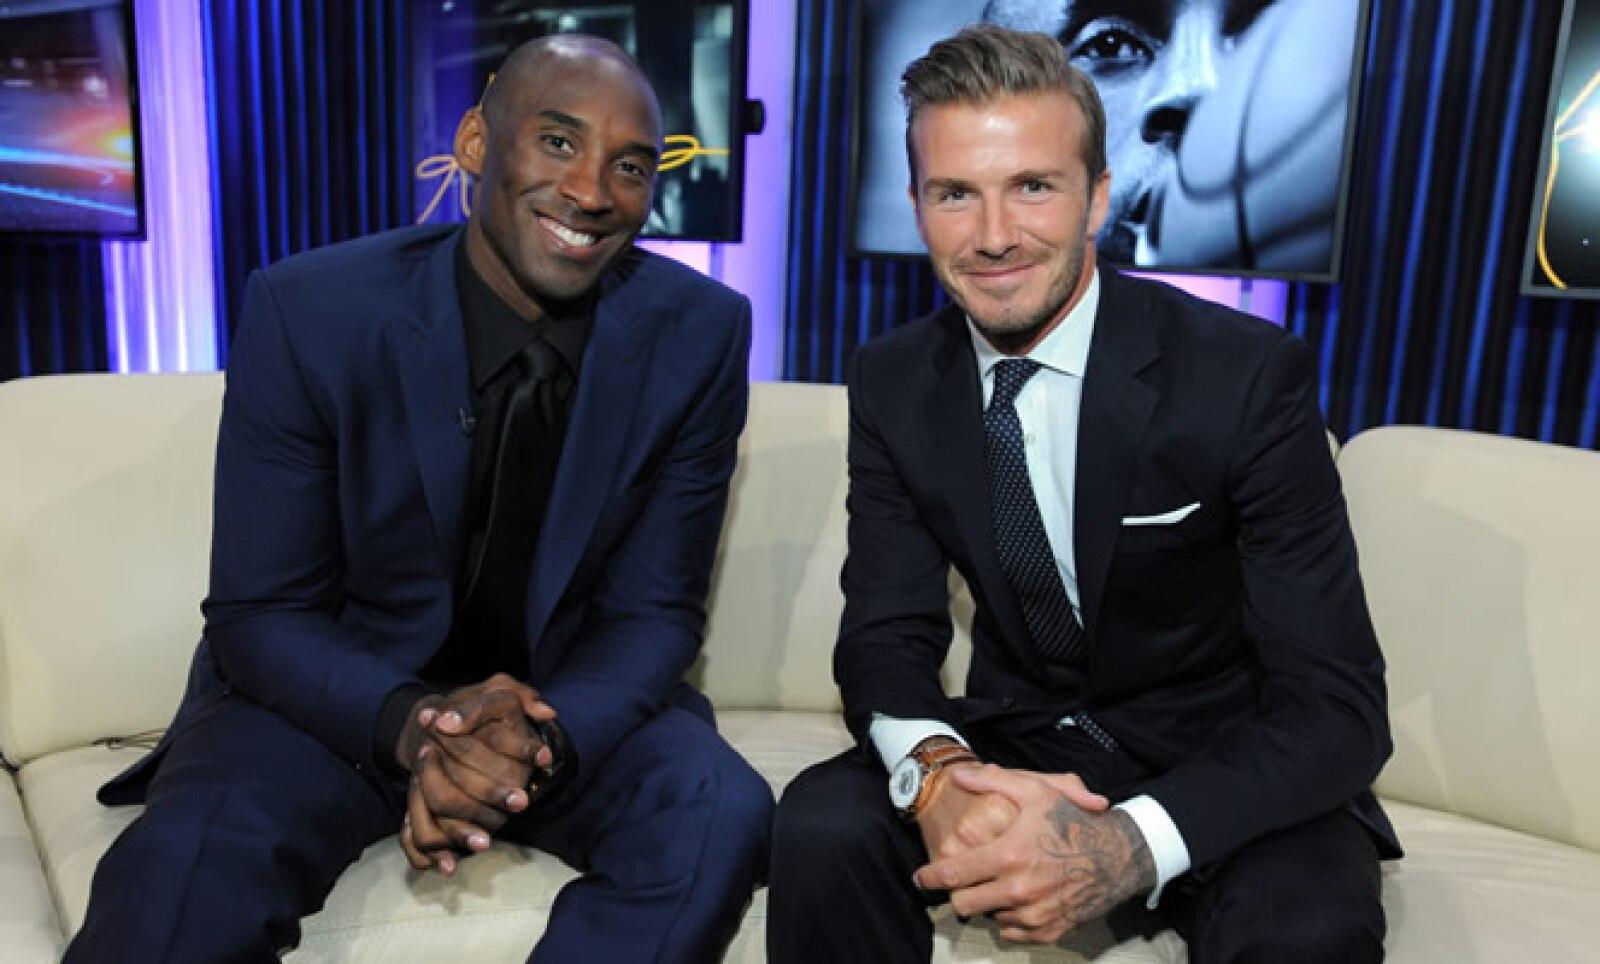 Con Time Warner, participó en el lanzamiento del nuevo canal por cable dedicado exclusivamente a los deportes. En la foto posa con el basquetbolista Kobe Bryan.